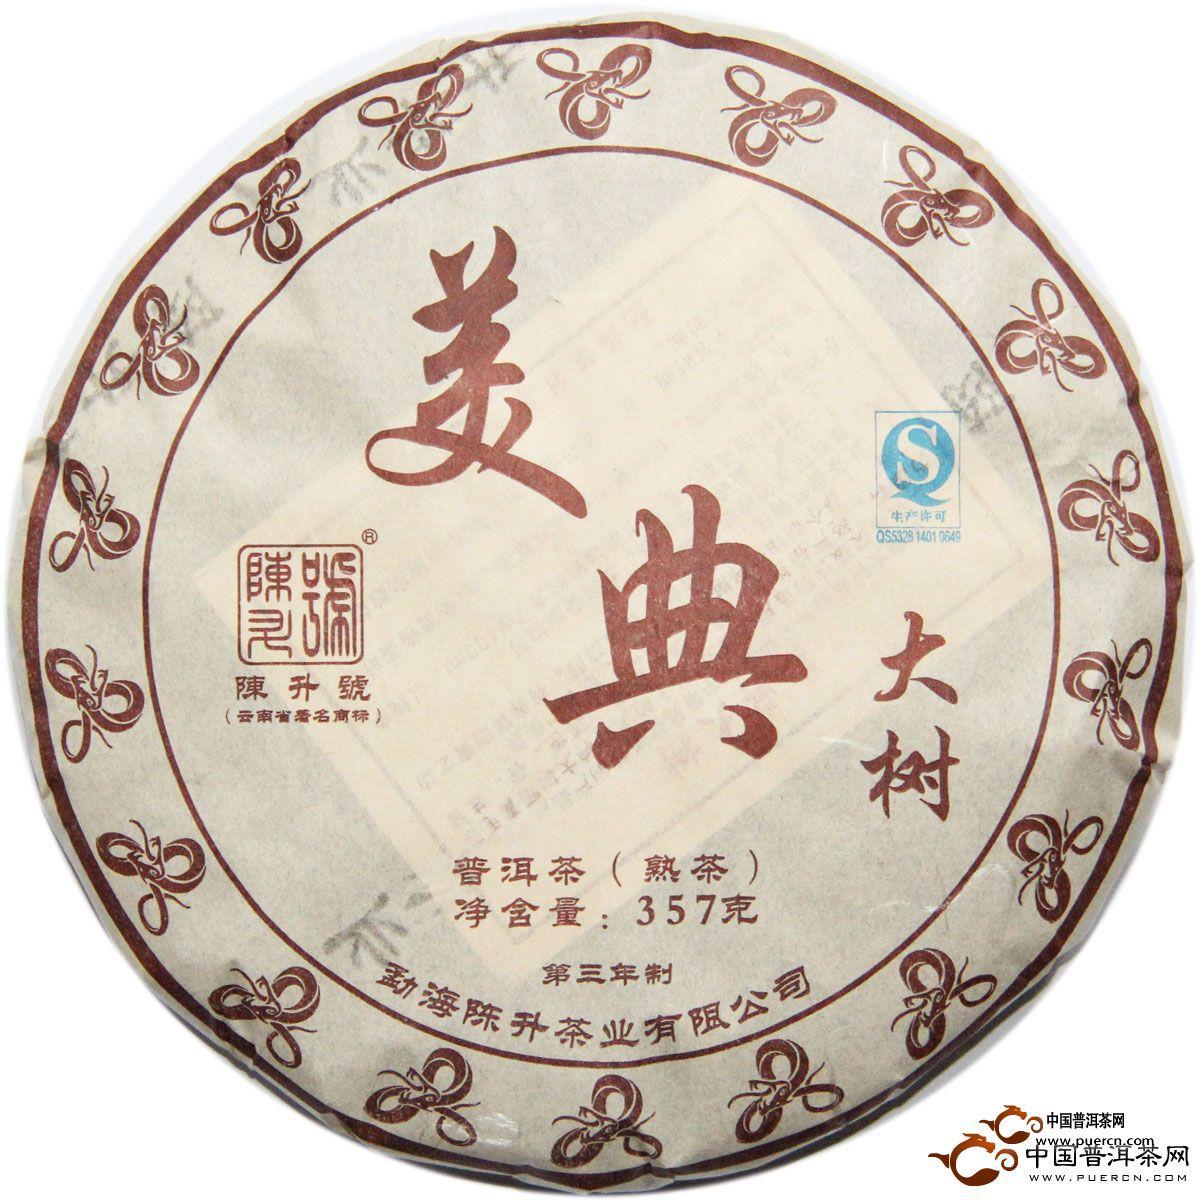 2013年陈升号美典大树(熟茶) 357克